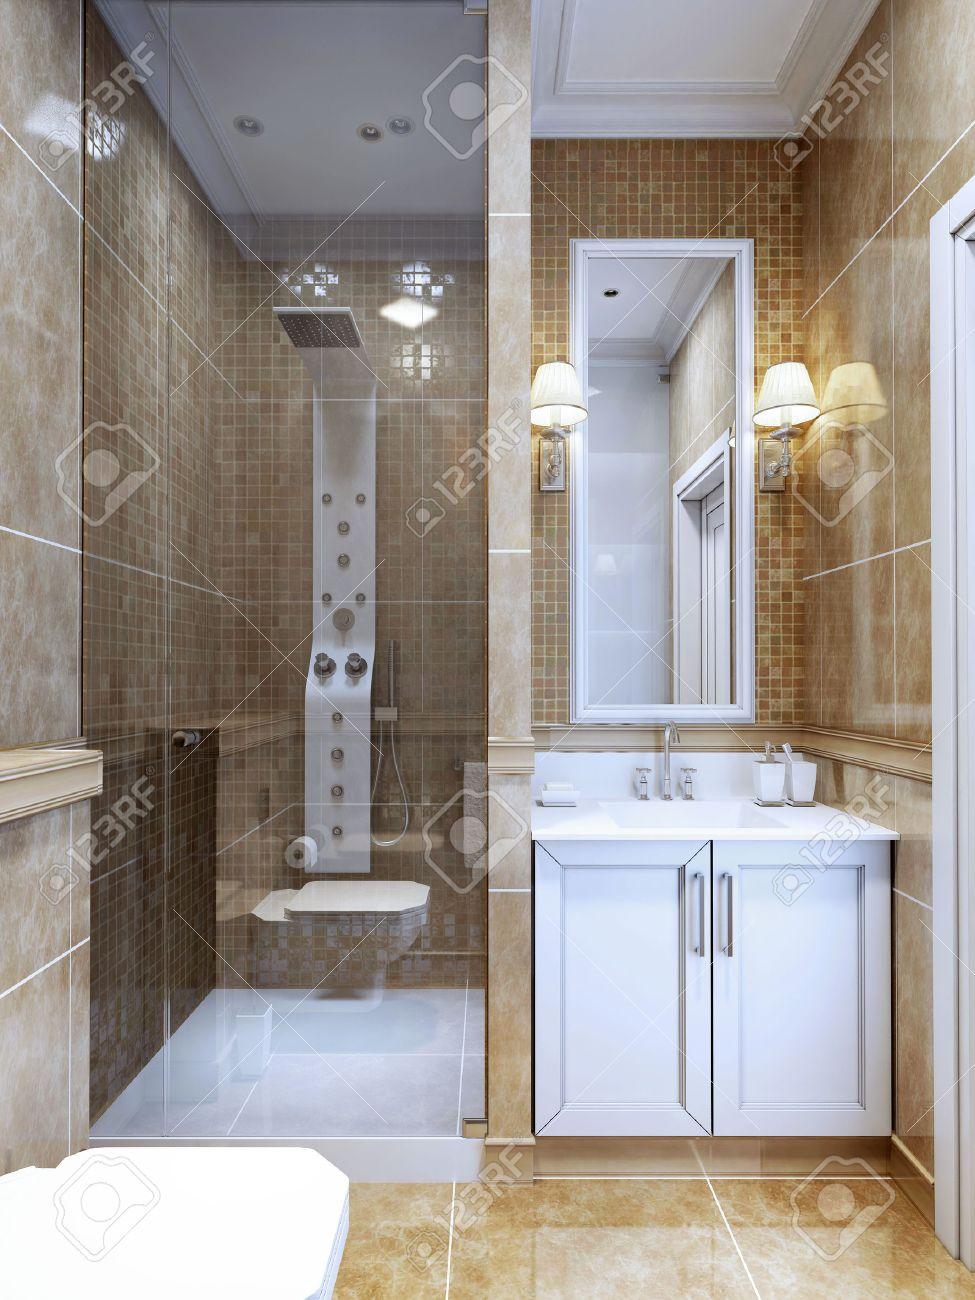 ⊕∇ produttori di piastrelle bagno ∇⊕. piastrelle per bagno ...